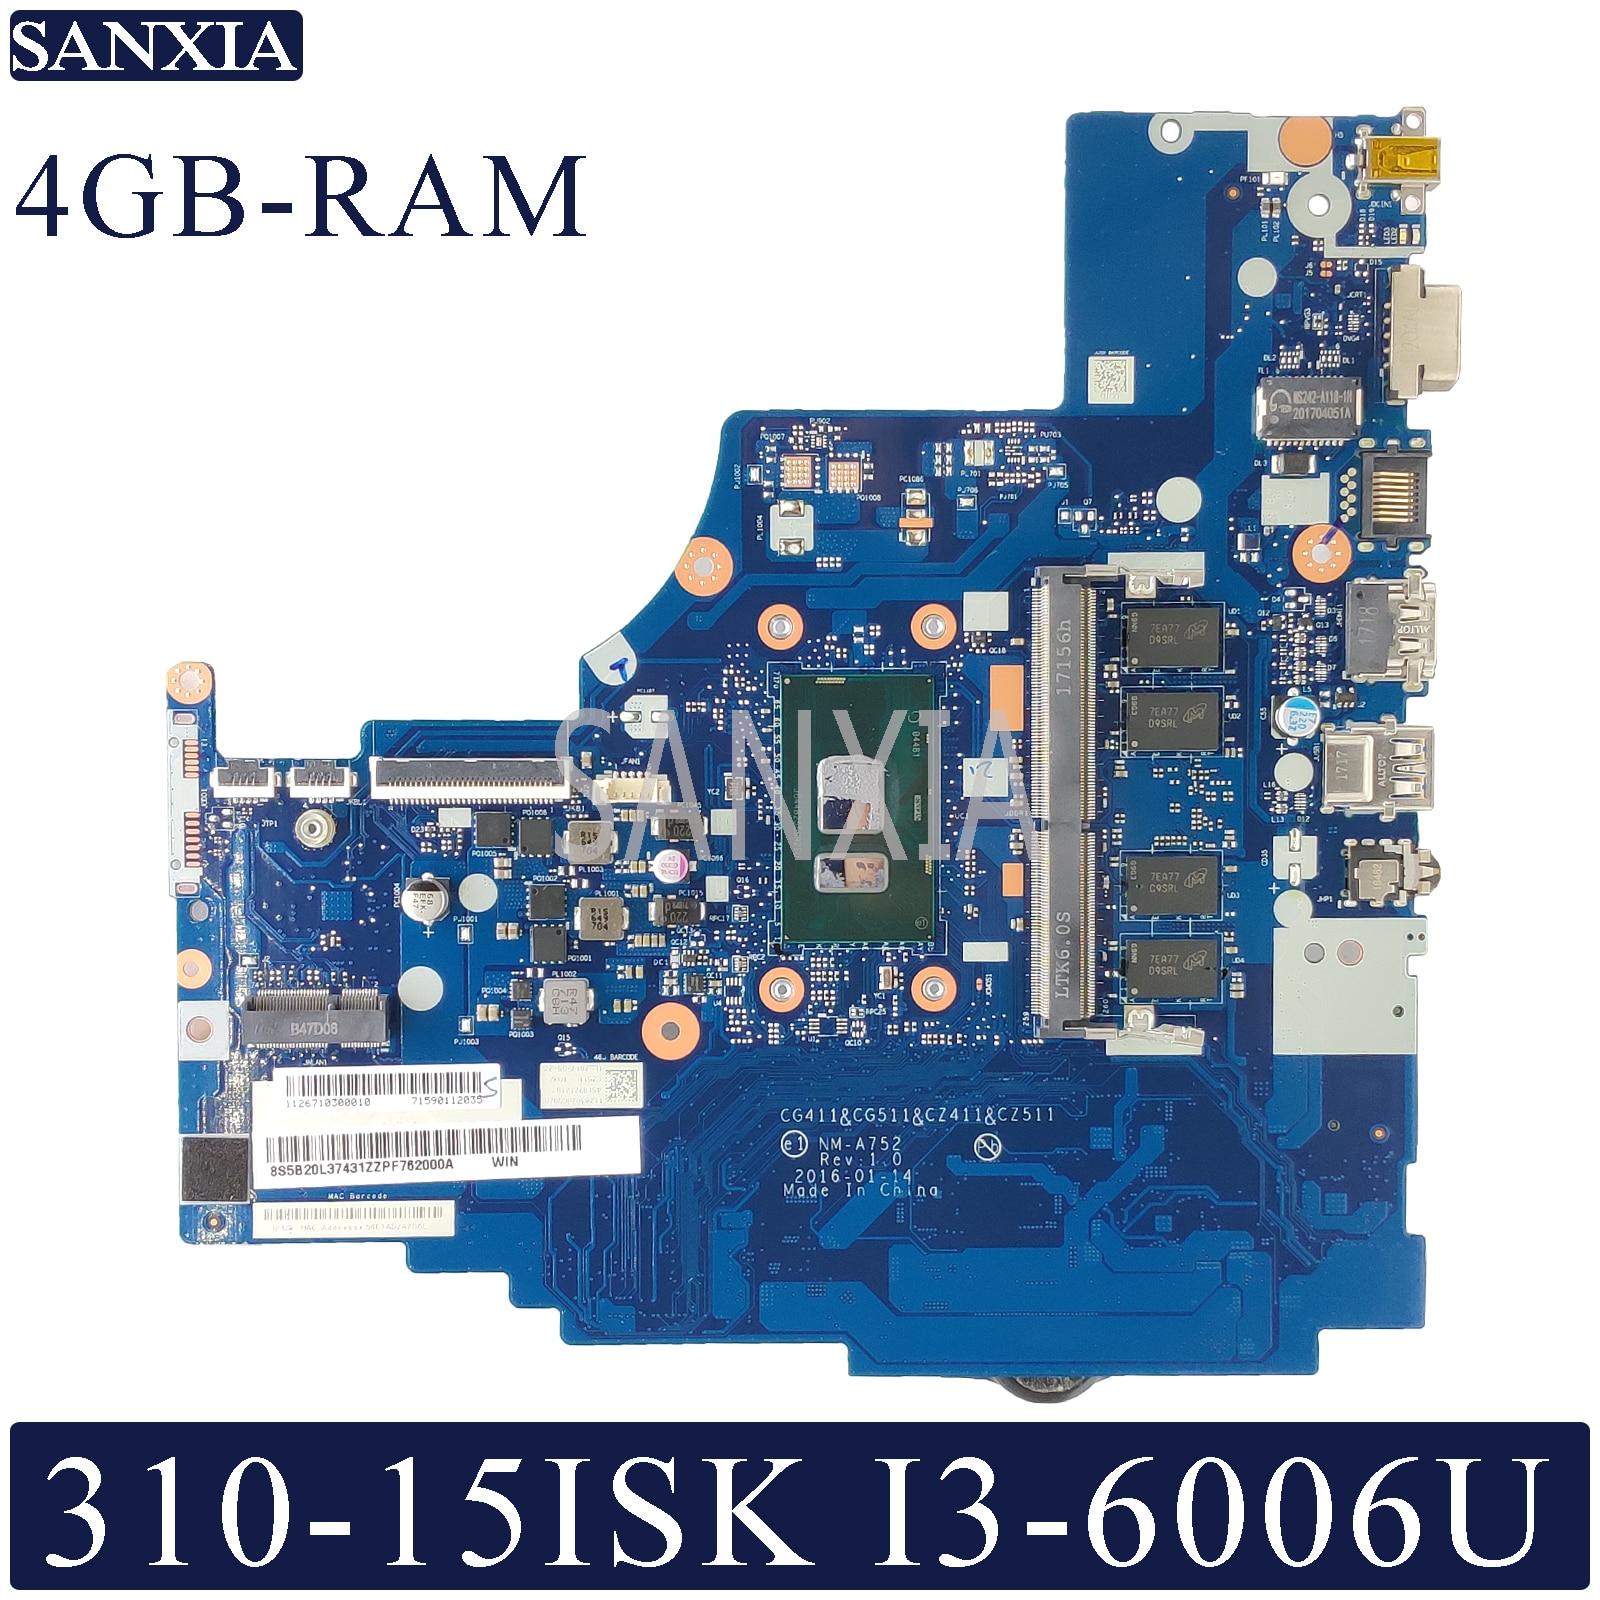 KEFU NM A752 carte mère d'ordinateur portable pour Lenovo 310 15ISK 510 15ISK carte mère d'origine 4GB RAM I3 6006U/6100U-in Cartes mères from Ordinateur et bureautique on AliExpress - 11.11_Double 11_Singles' Day 1